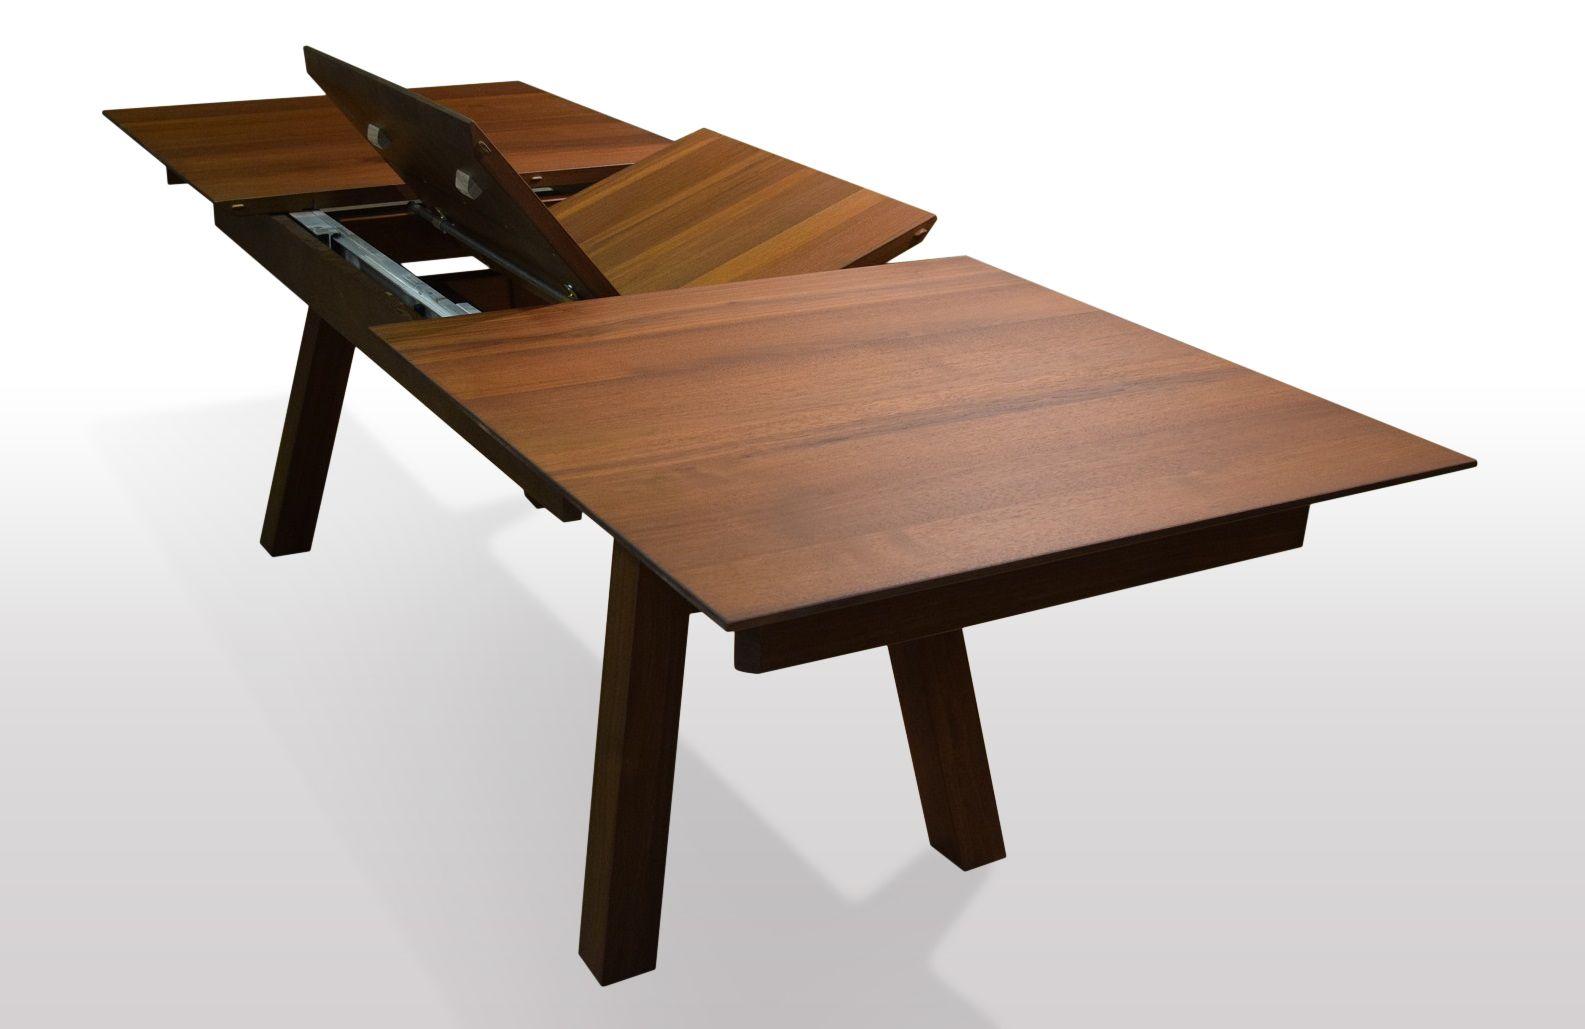 Tisch Nussbaum massiv Breite 90cm / Länge wählbar